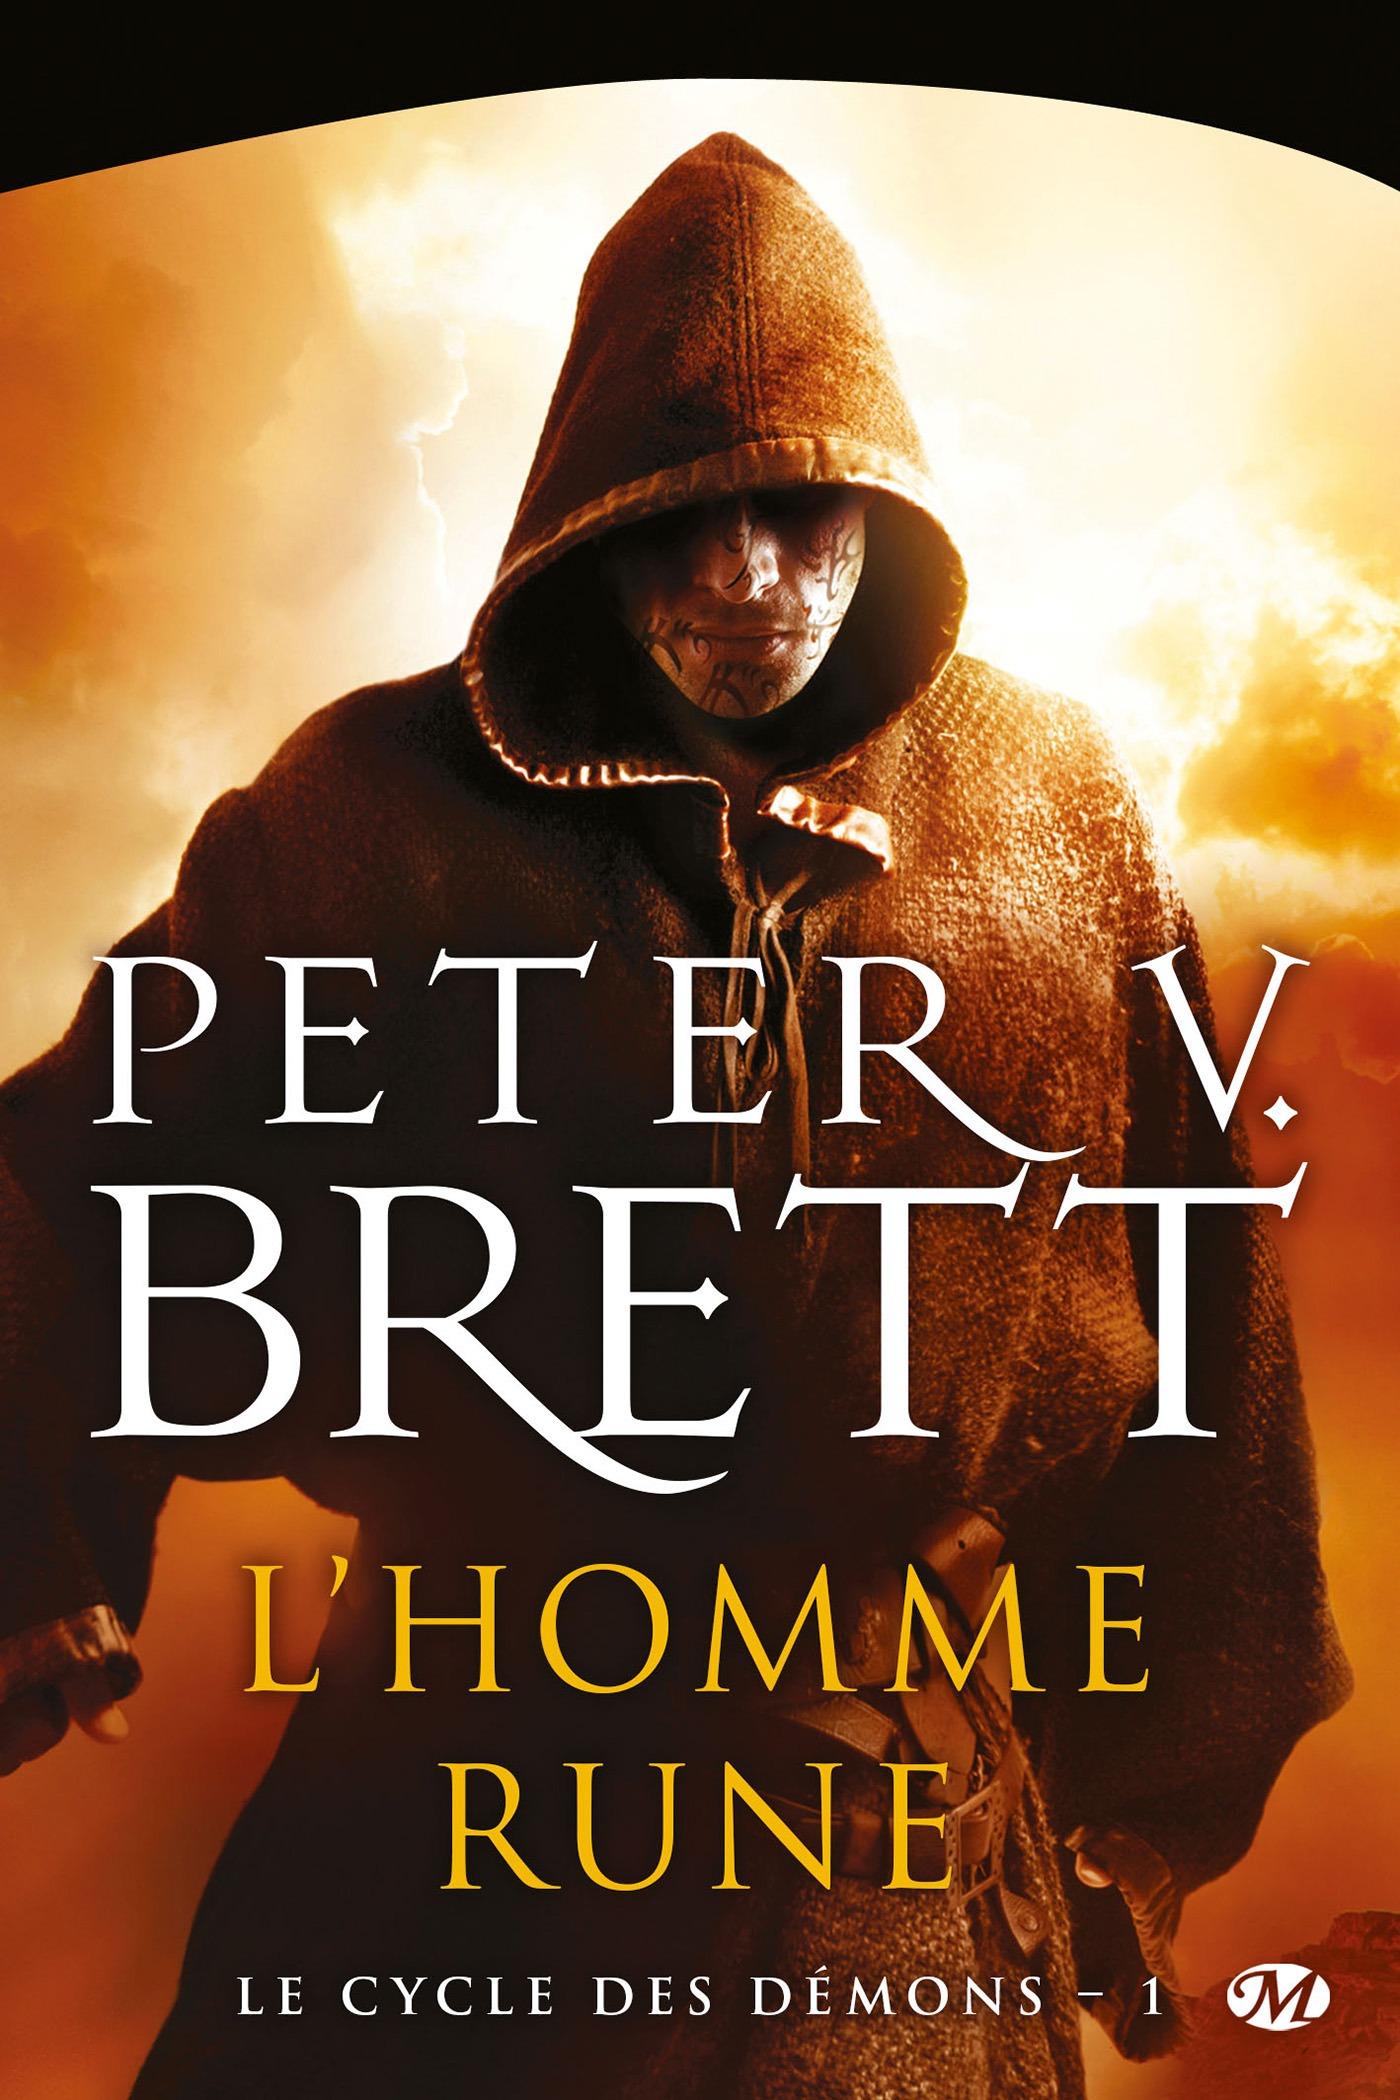 L'Homme-rune, LE CYCLE DES DÉMONS, T1